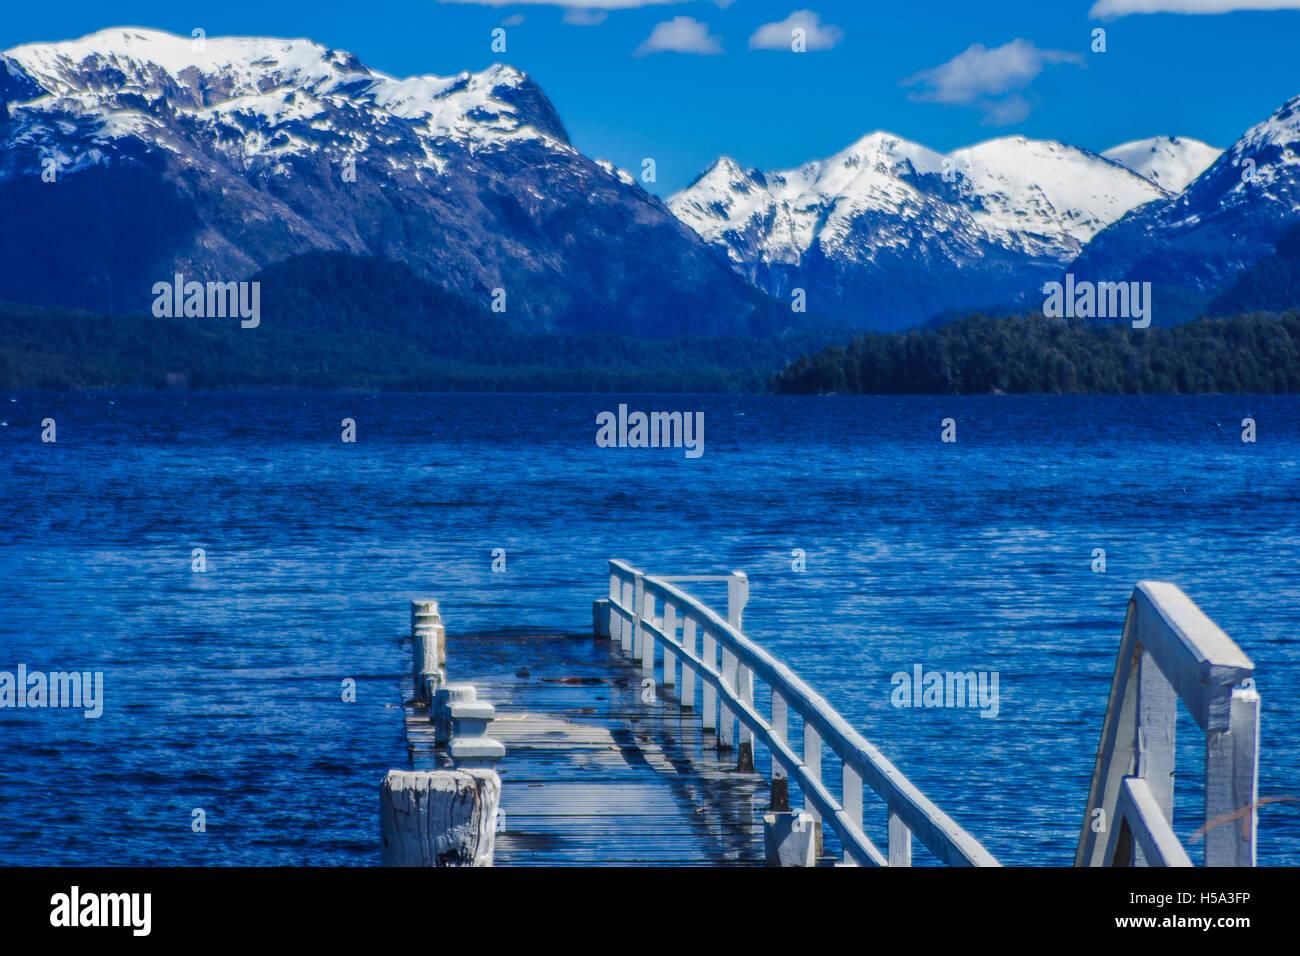 Pier at Nahuel Huapi national park, Patagonia, Argentina - Stock Image